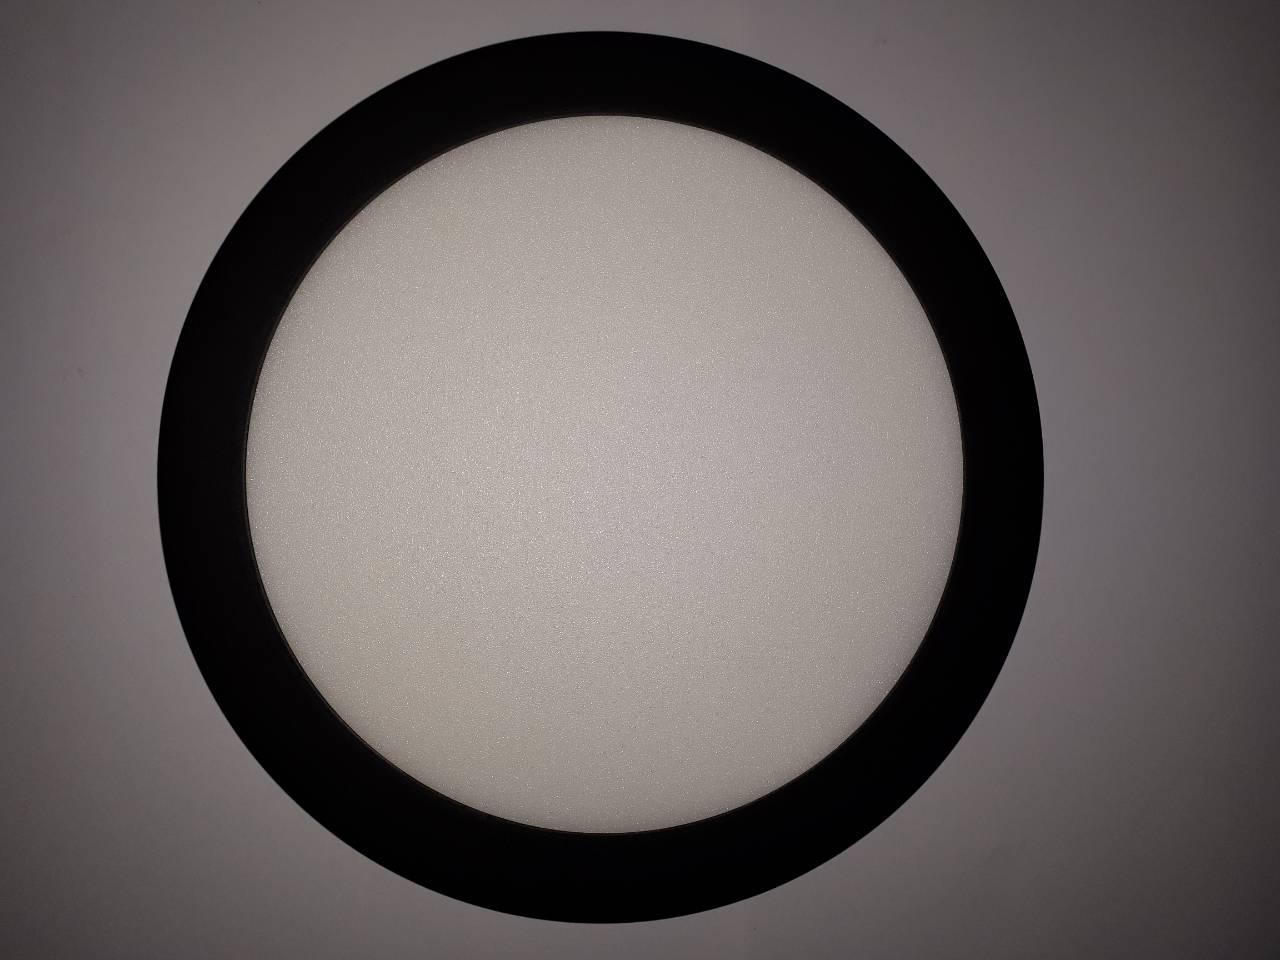 Светильник круглый LED 18 Вт металл Черный GALAXY